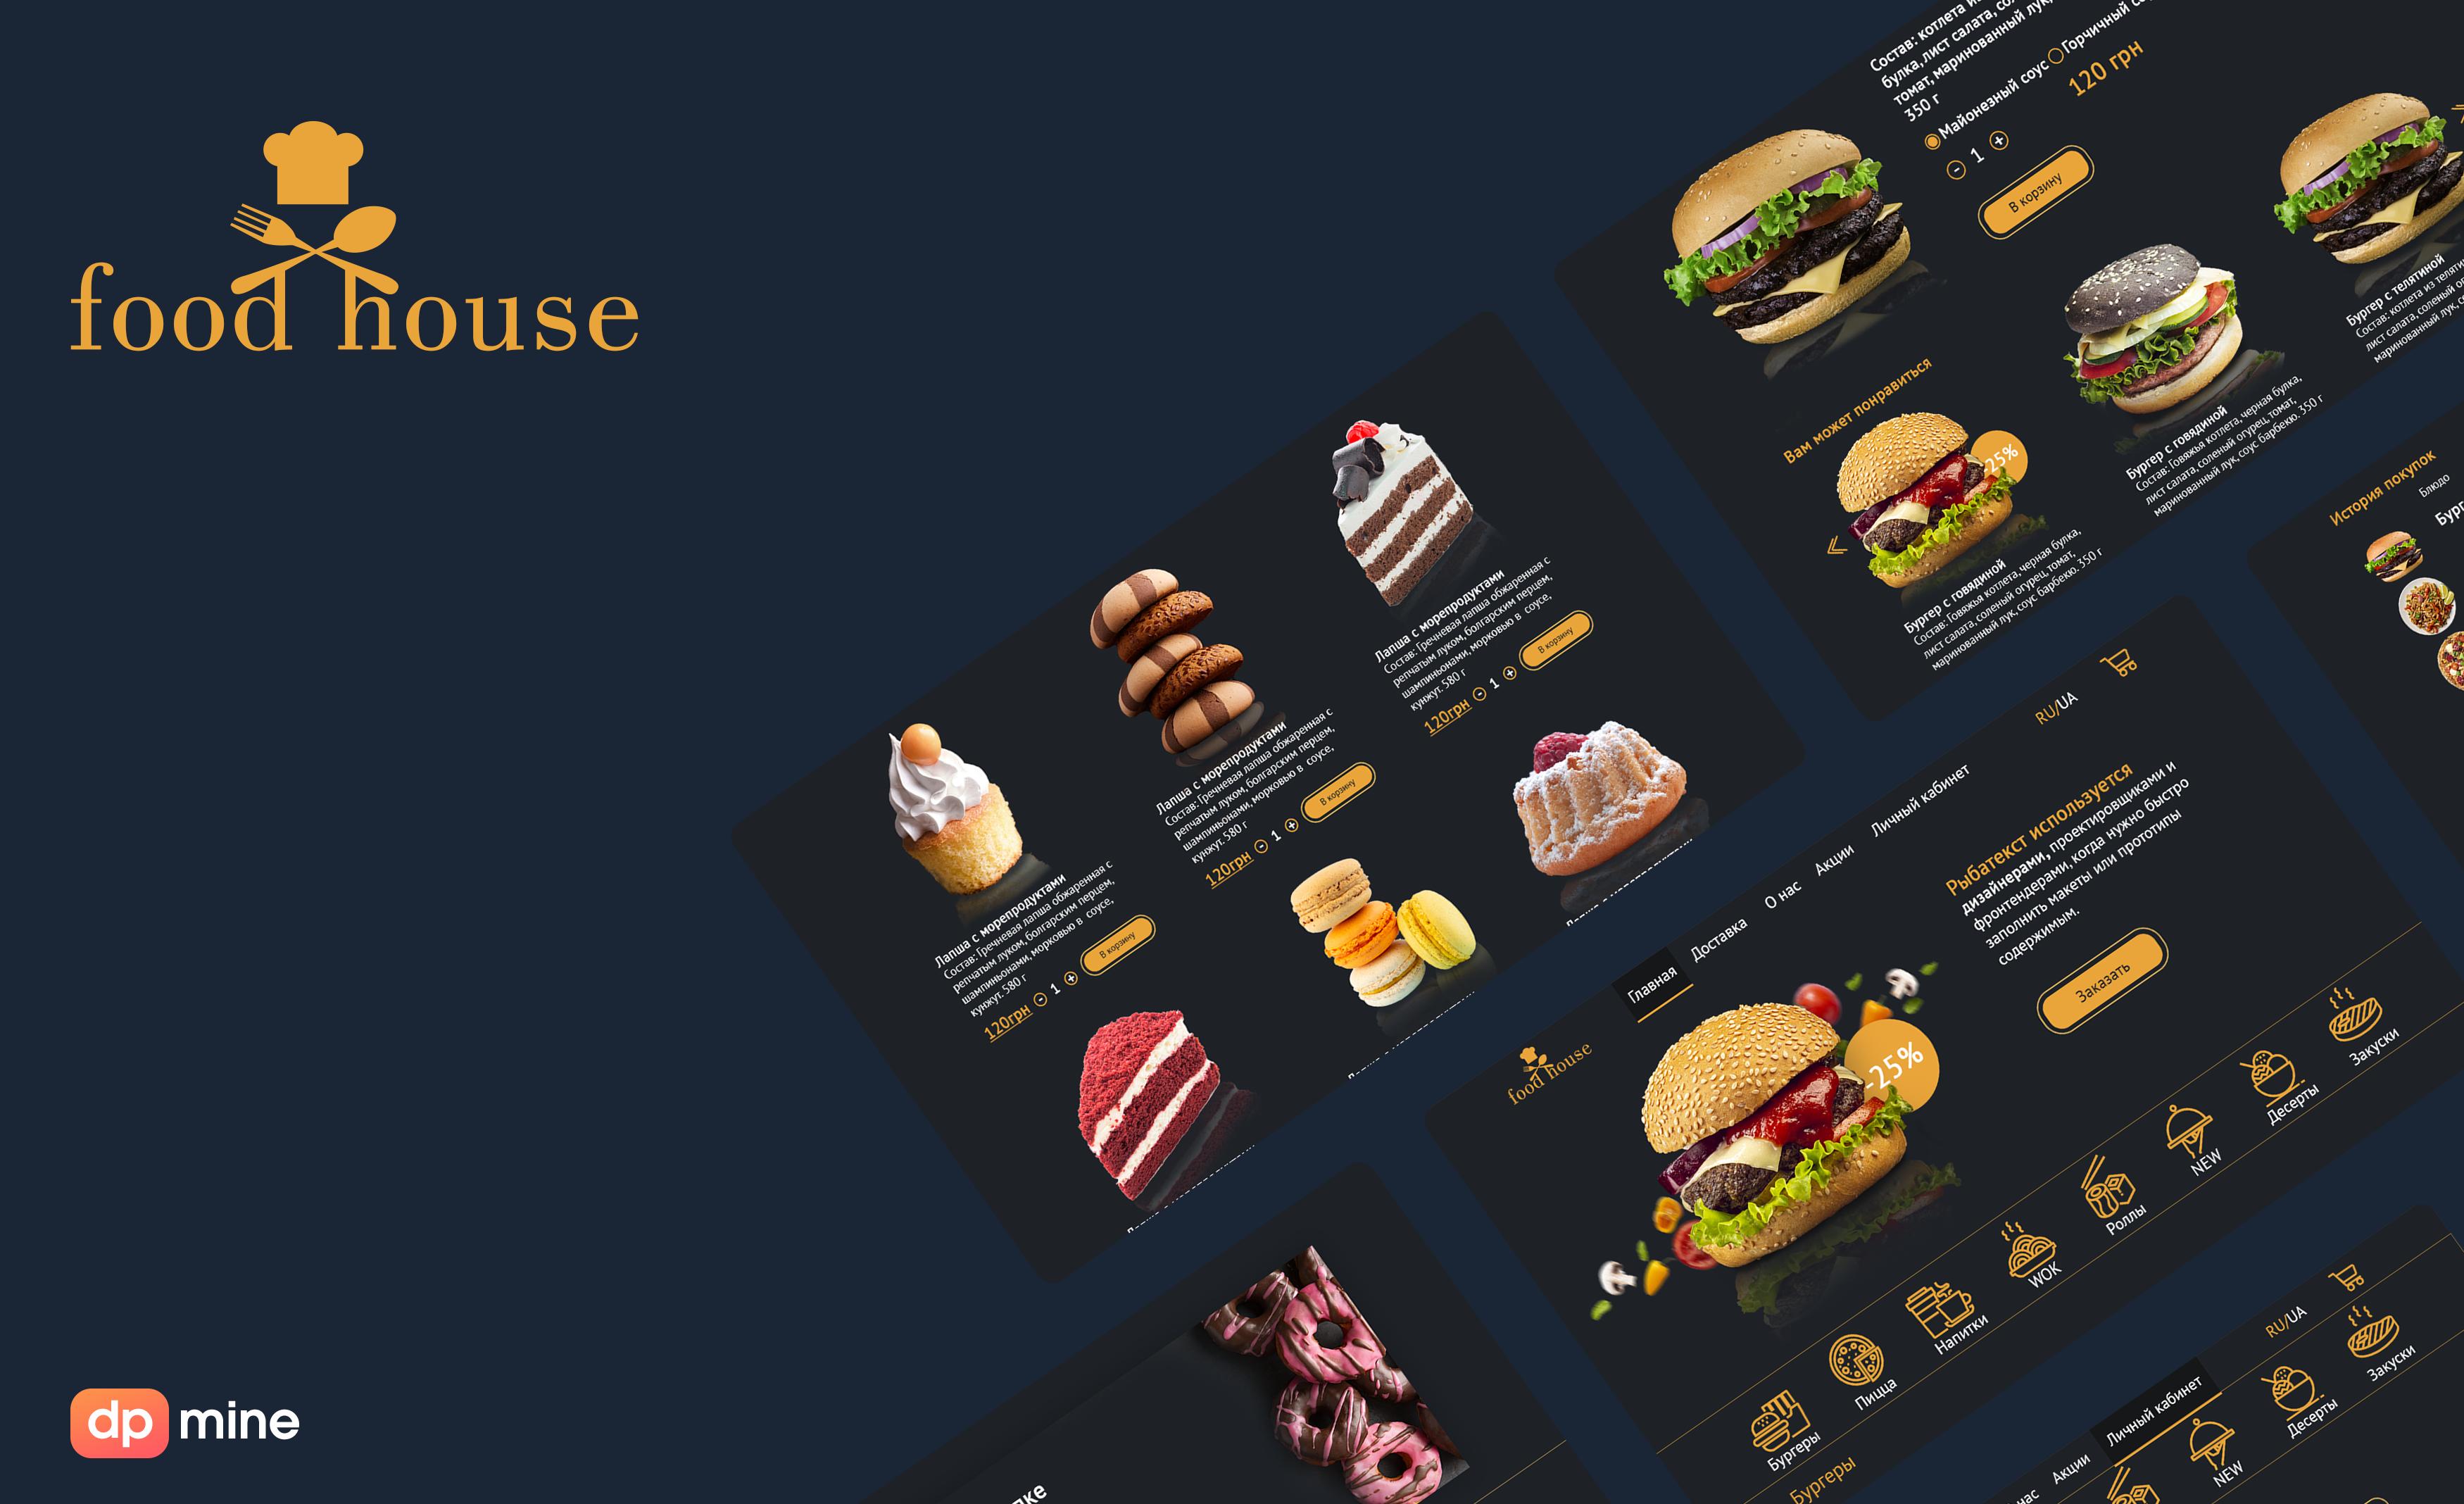 Создание и разработка сайтов от веб-студии dpmine.com.ua, заказать сайт с нуля недорого под ключ в https://www.behance.net/gallery/114192261/Food-delivery - dpmine.com.ua